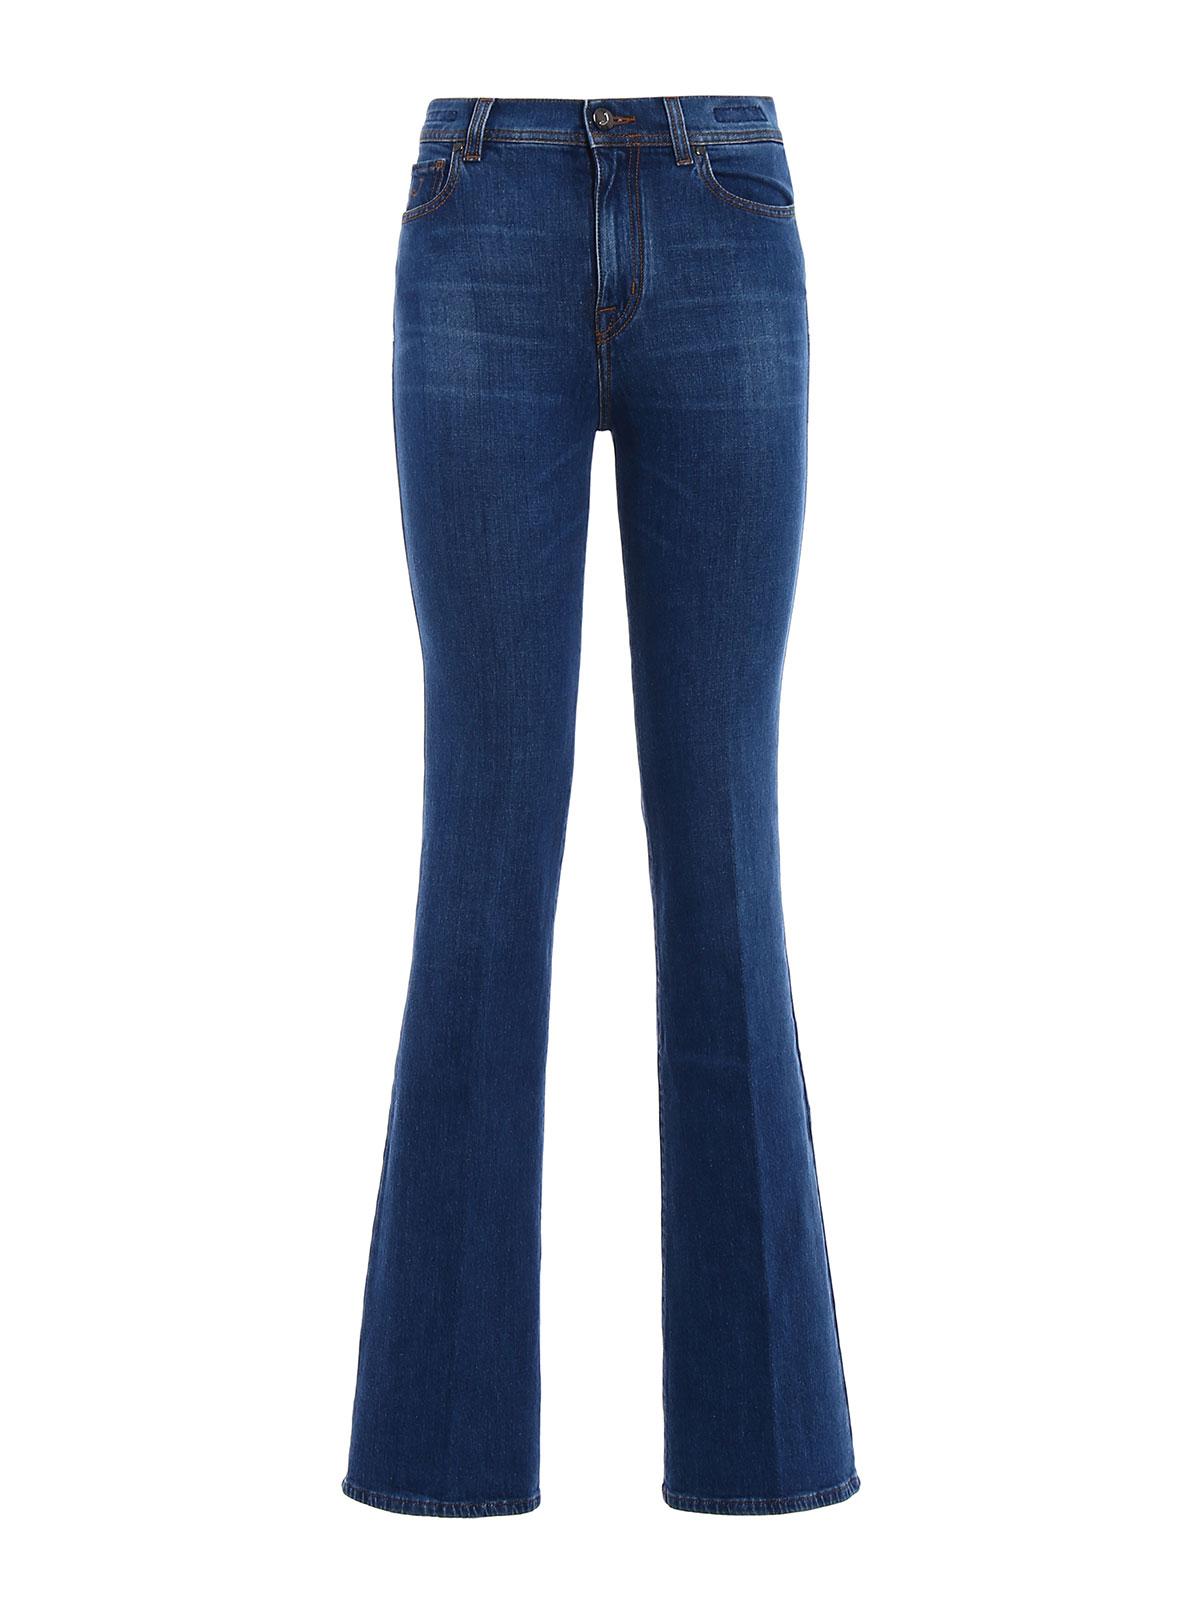 Linda jeans by jacob cohen bootcut jeans ikrix - Jacob cohen denim ...